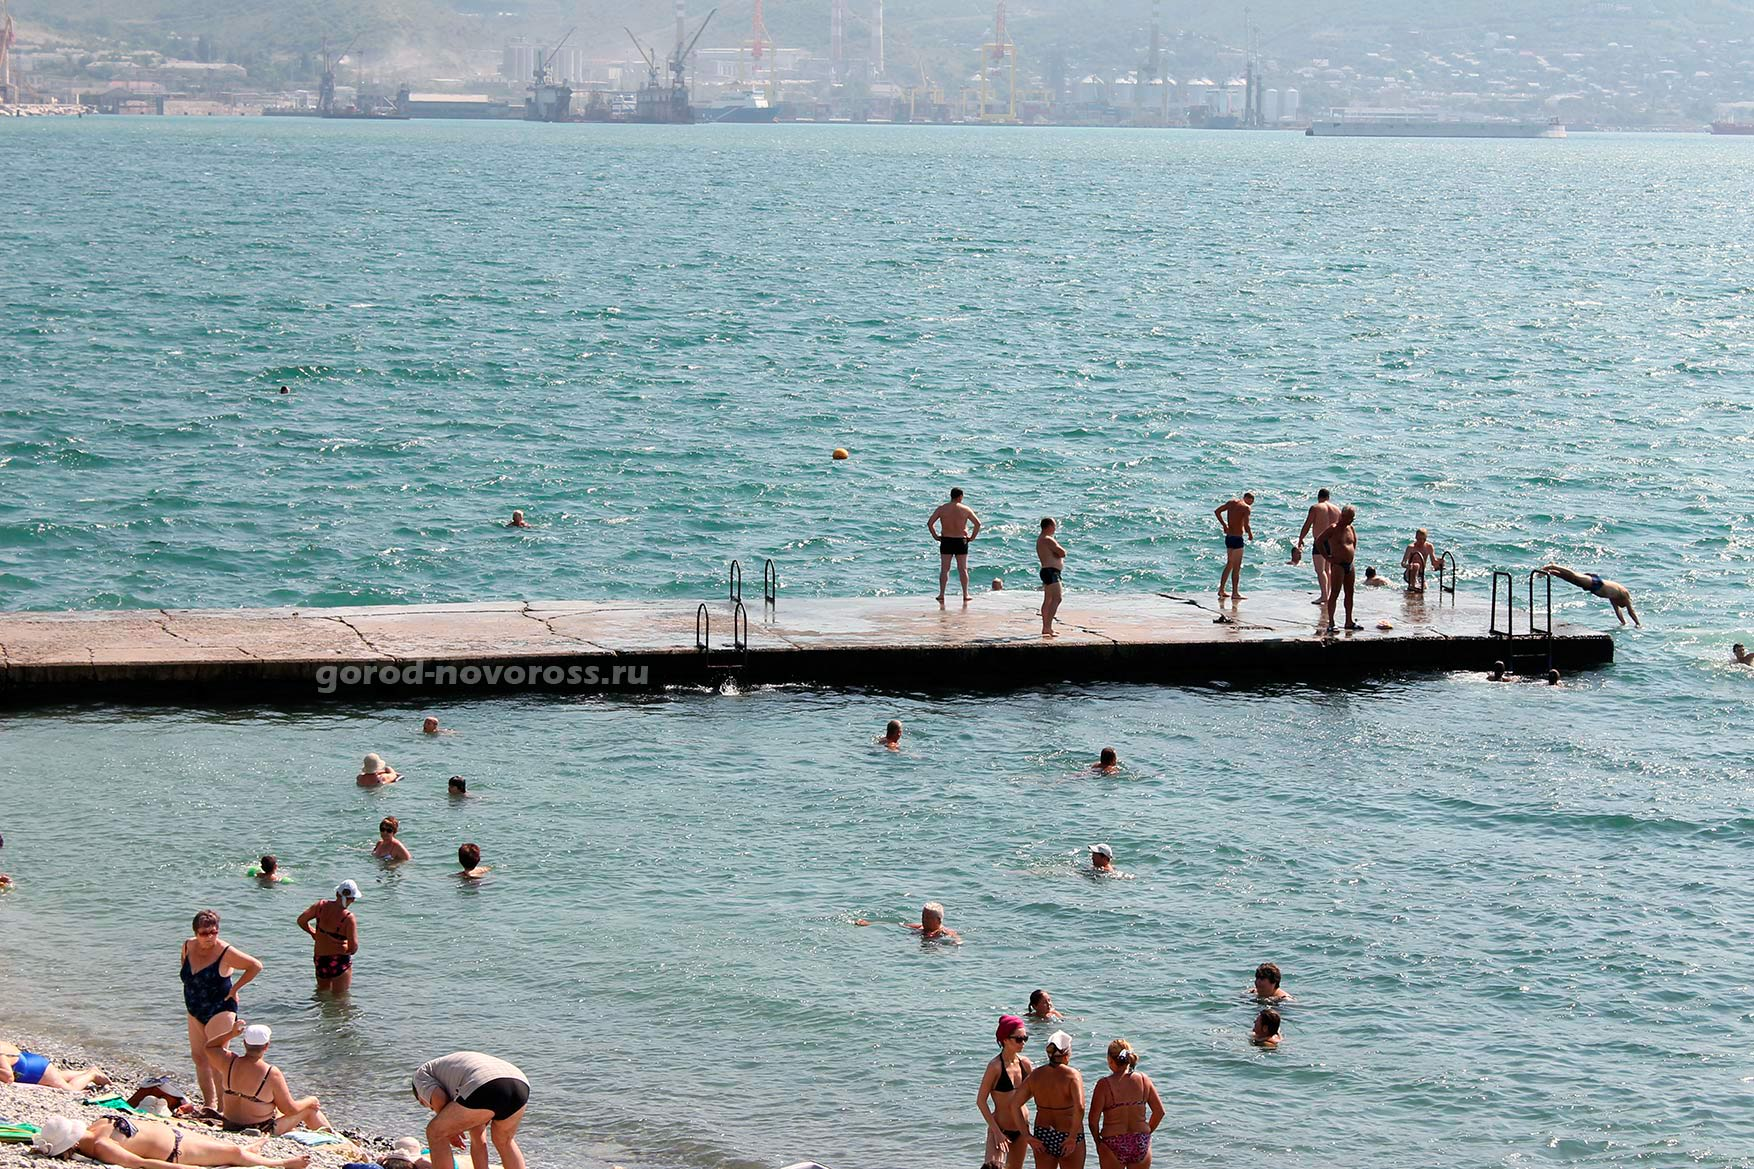 Пляжи Новороссийска отзывы и фото, путеводитель по 16